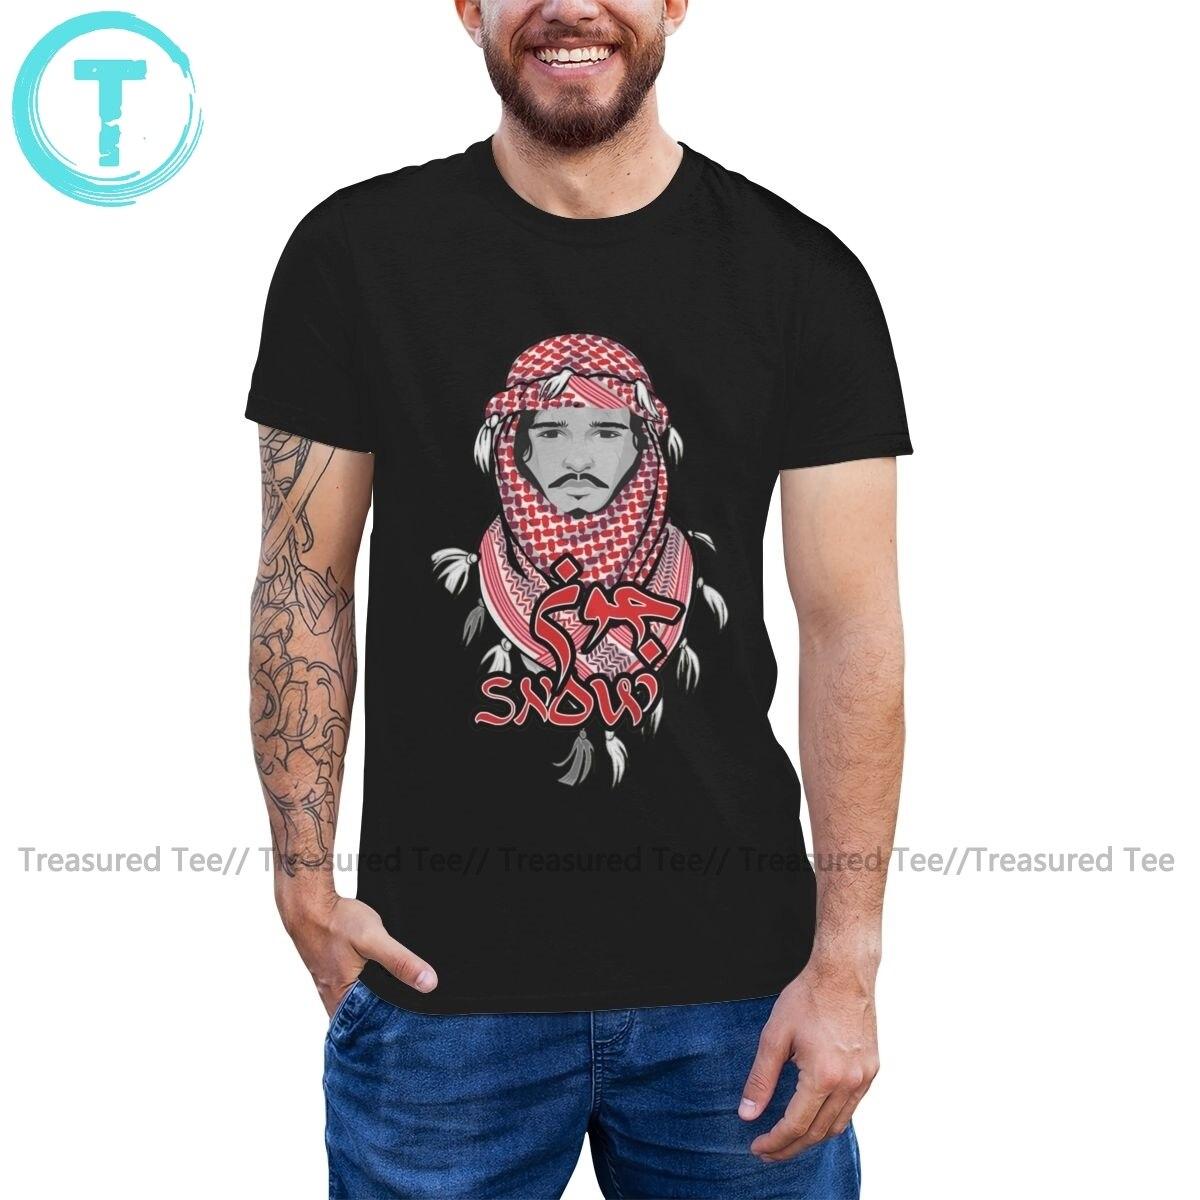 Camiseta John Snow, camiseta John Snow, ropa de calle para hombre, Camiseta con estampado divertido, Camiseta de algodón de manga corta 5x